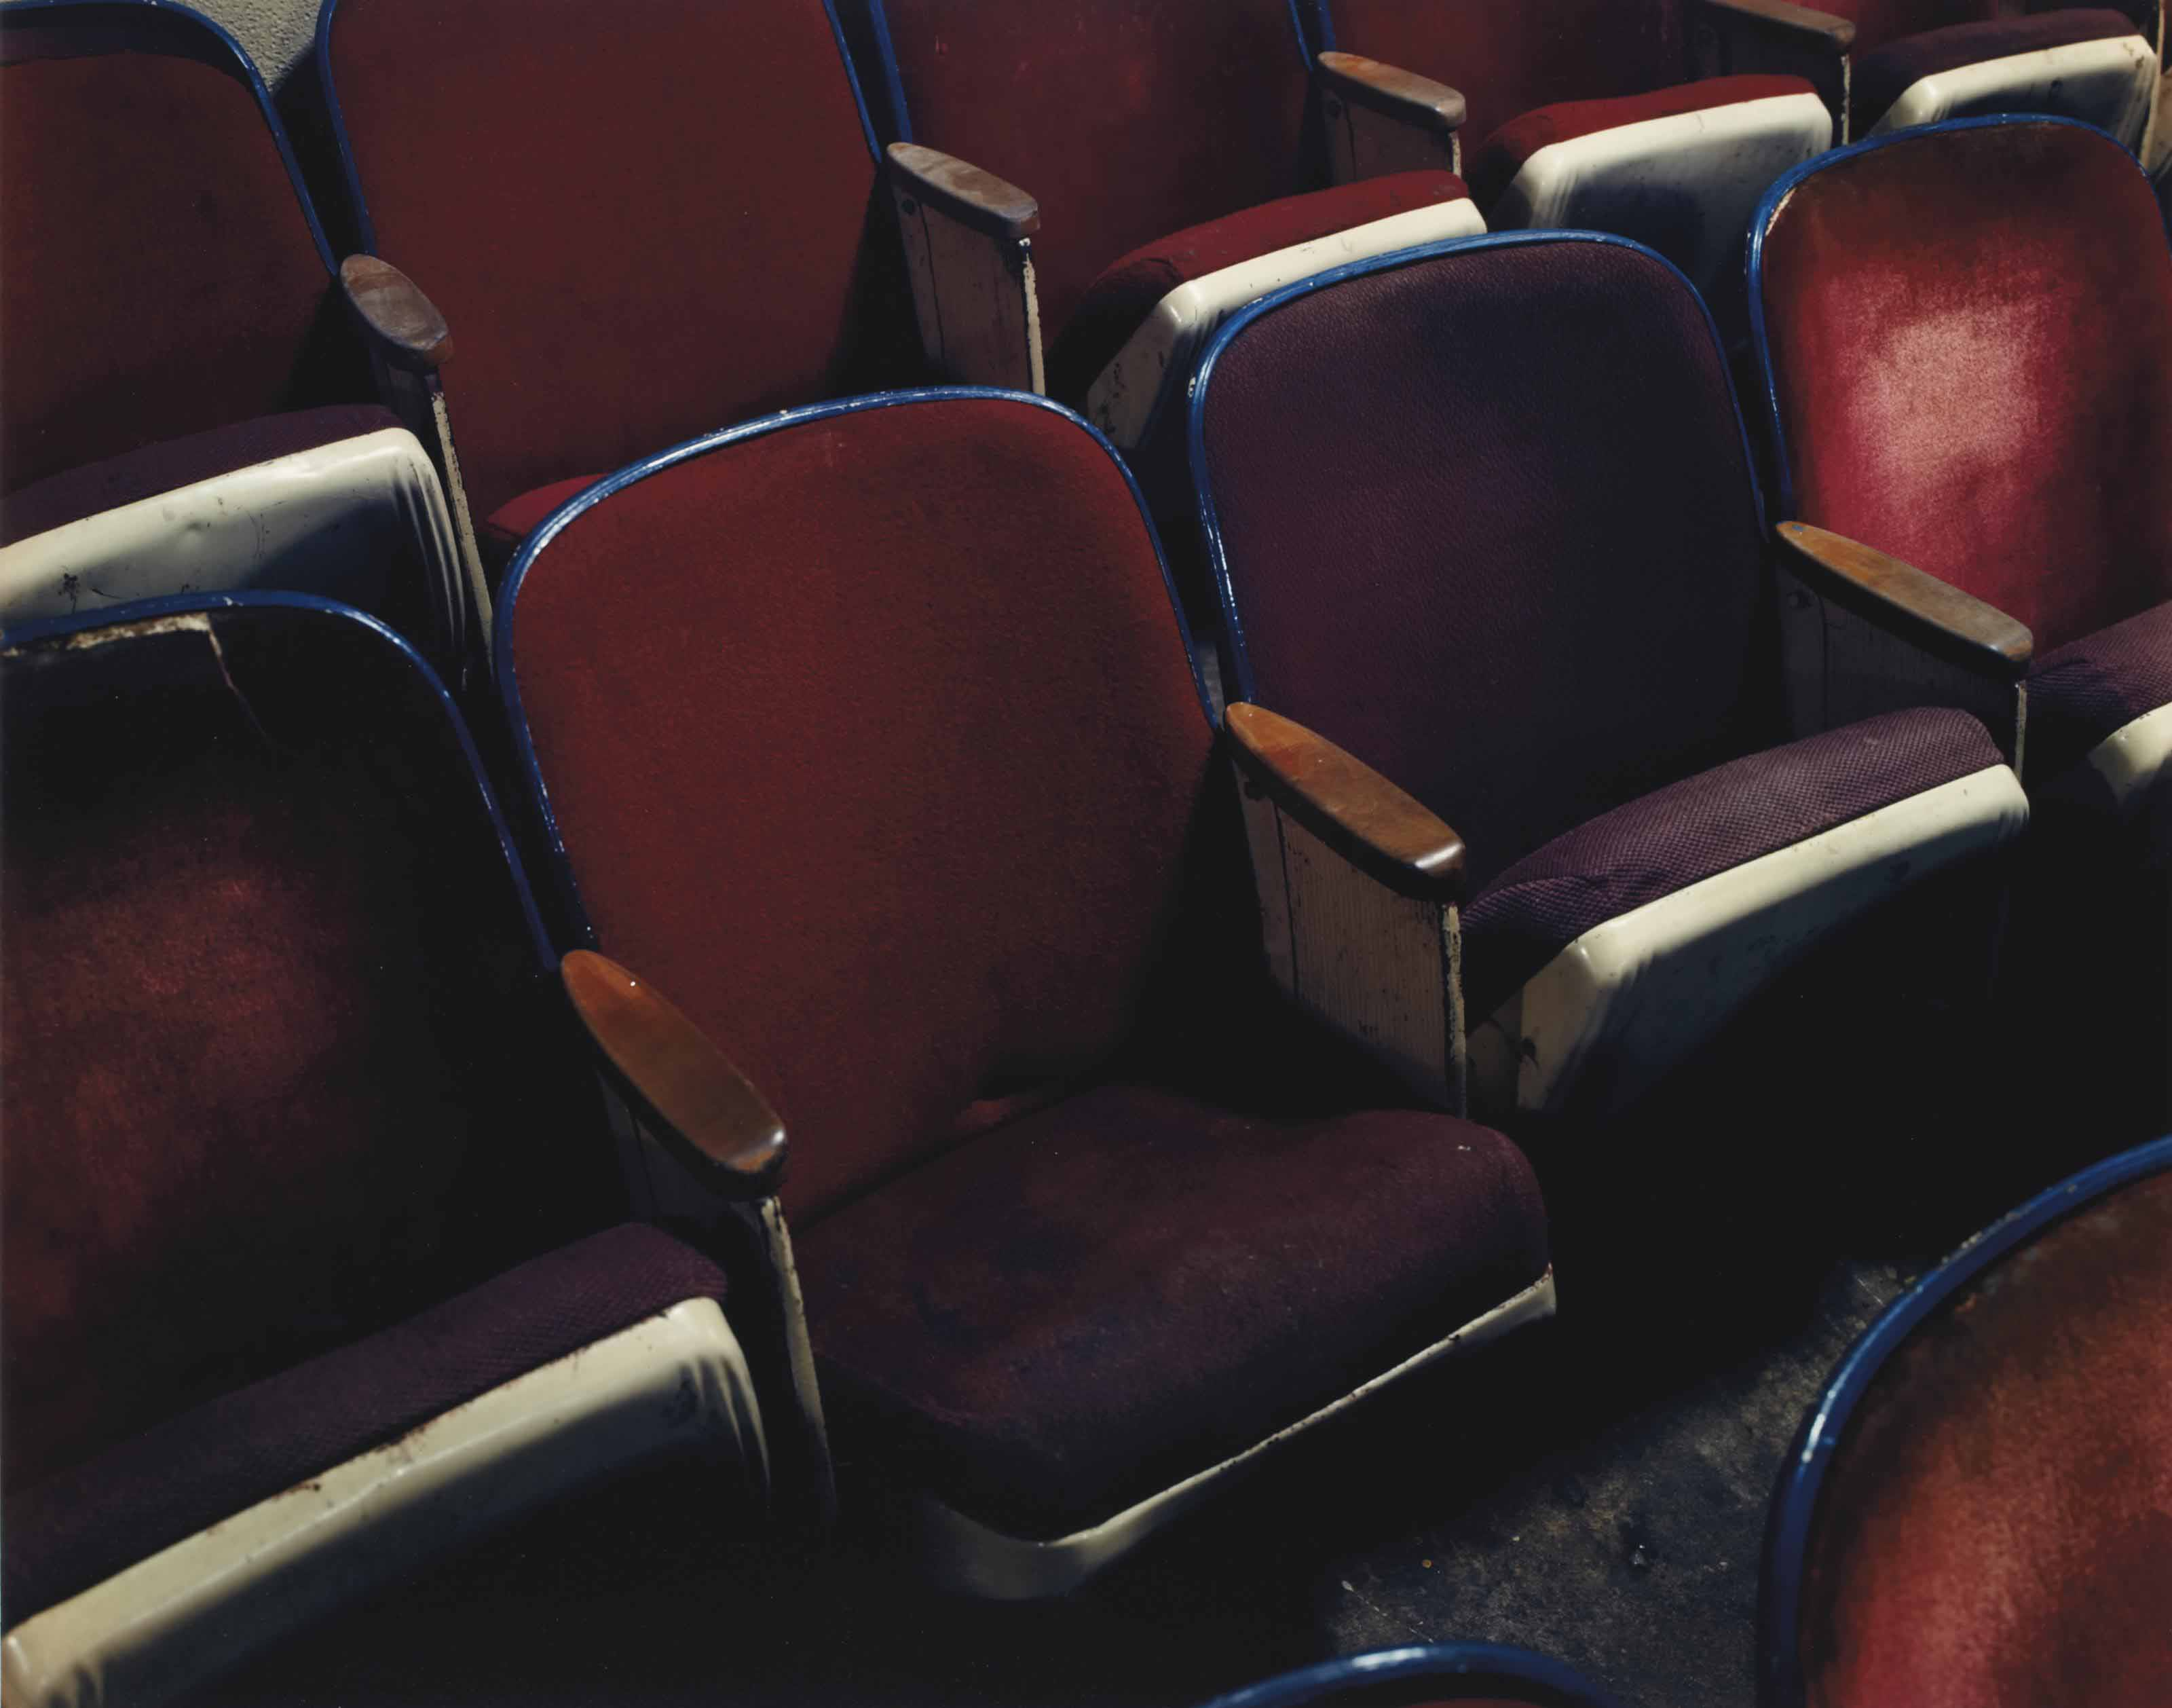 Asile 2, Row 3, Seat 5, Texas Theater, 231 W. Jefferson Street, Dallas, Texas, November, 1993